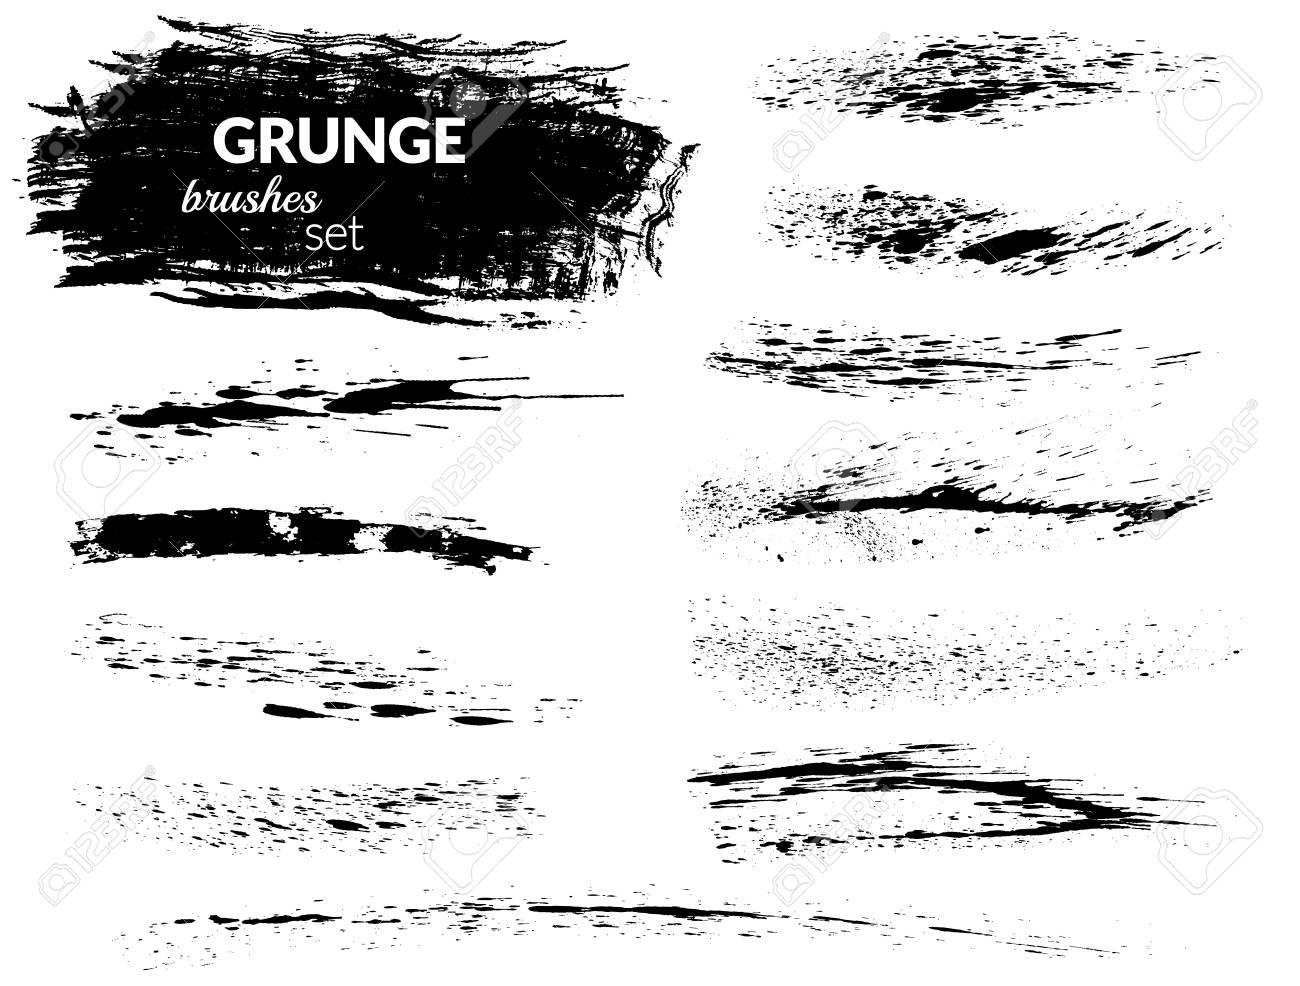 Vector art brushes  Grunge brush set  Black ink brush  All used